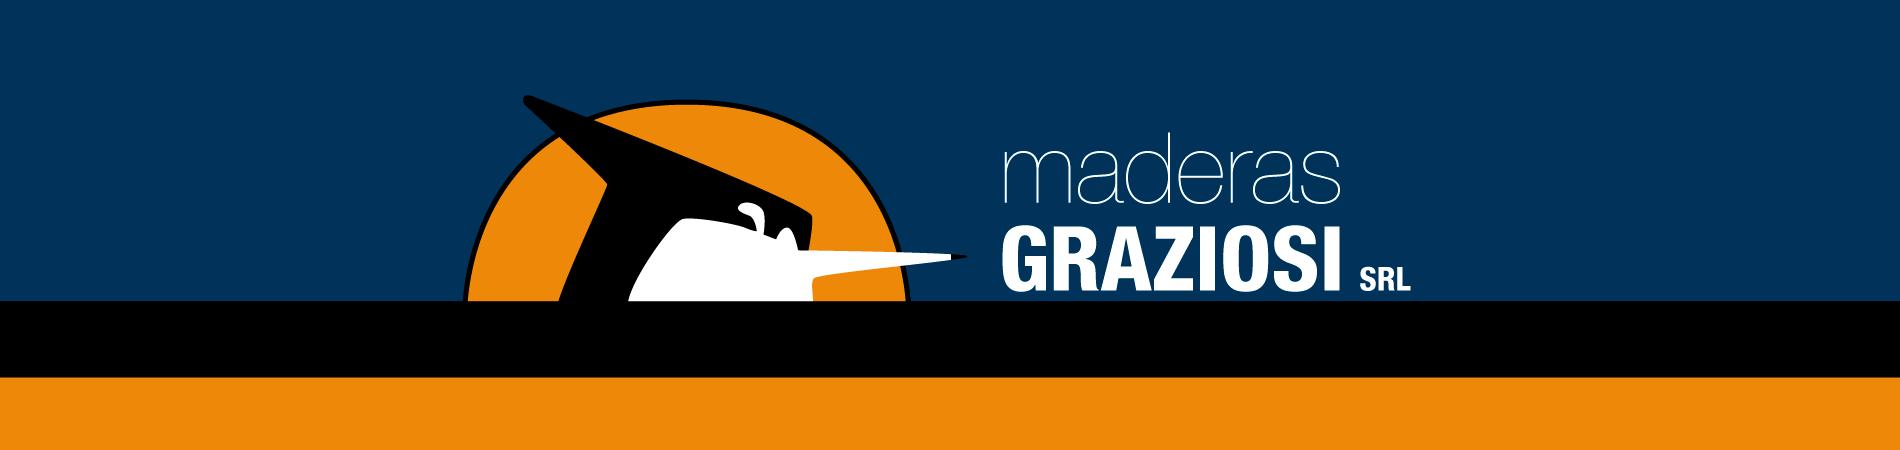 GRAZIOSI MADERAS